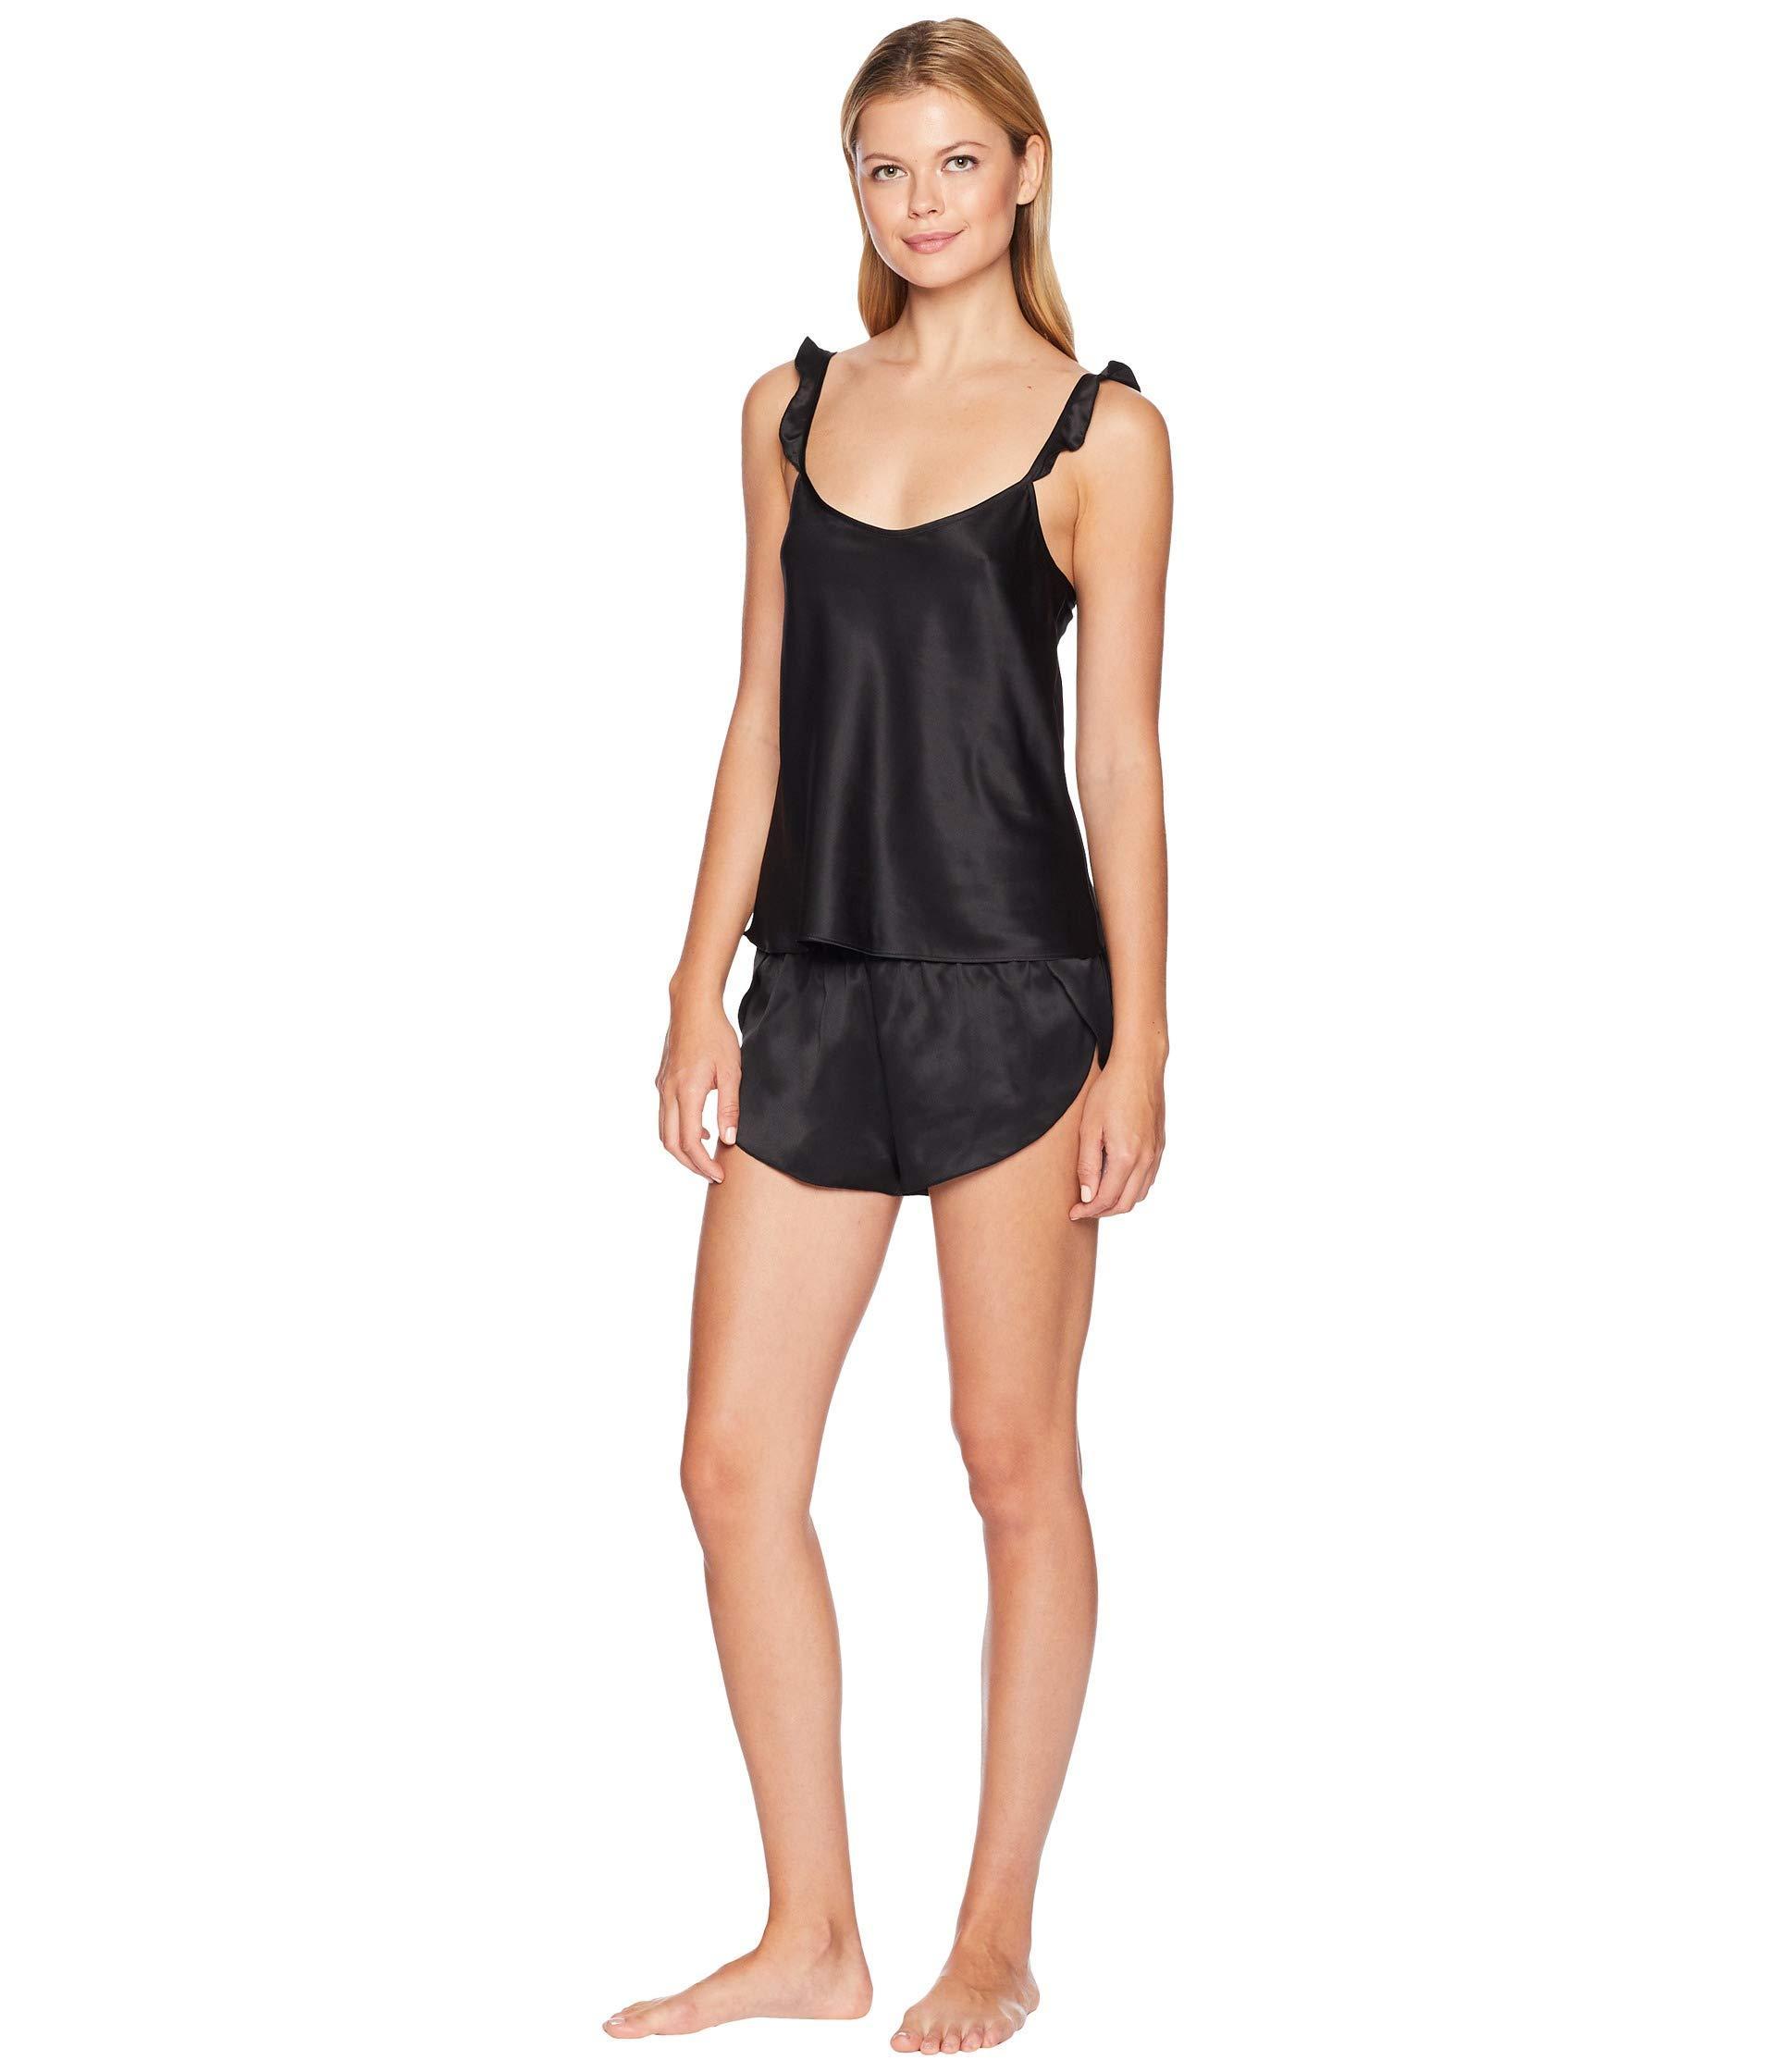 Lyst - Felina Robyn Satin Cami And Shorts Set in Black b6516527b